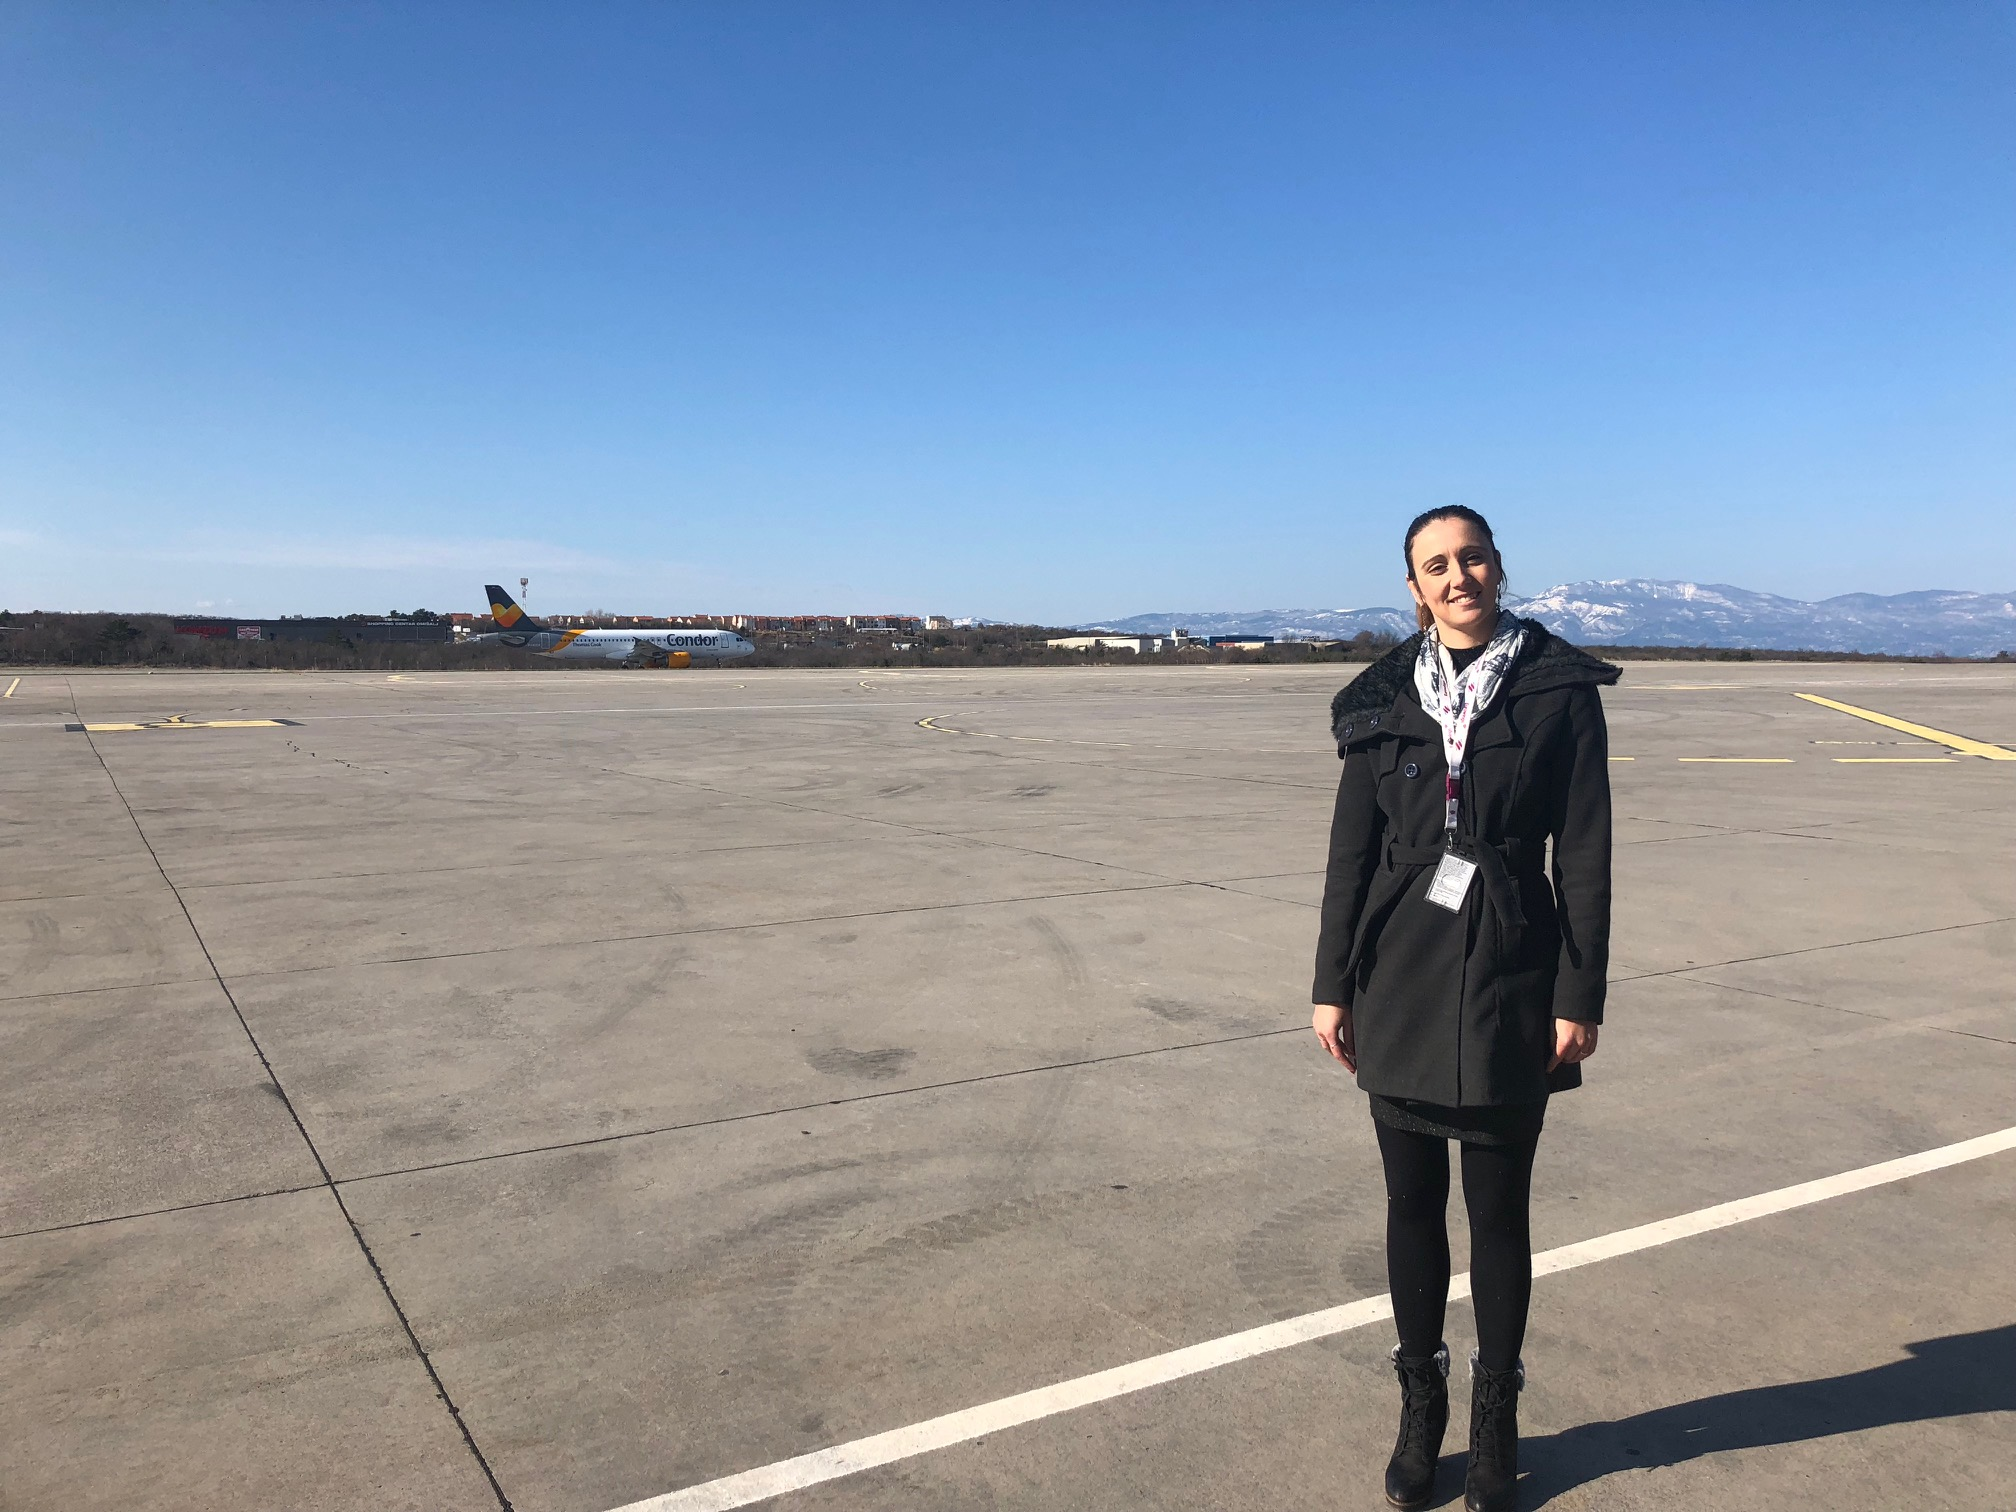 Zanimljiva analiza o (ne)povezanostima manjih zračnih luka u Hrvatskoj